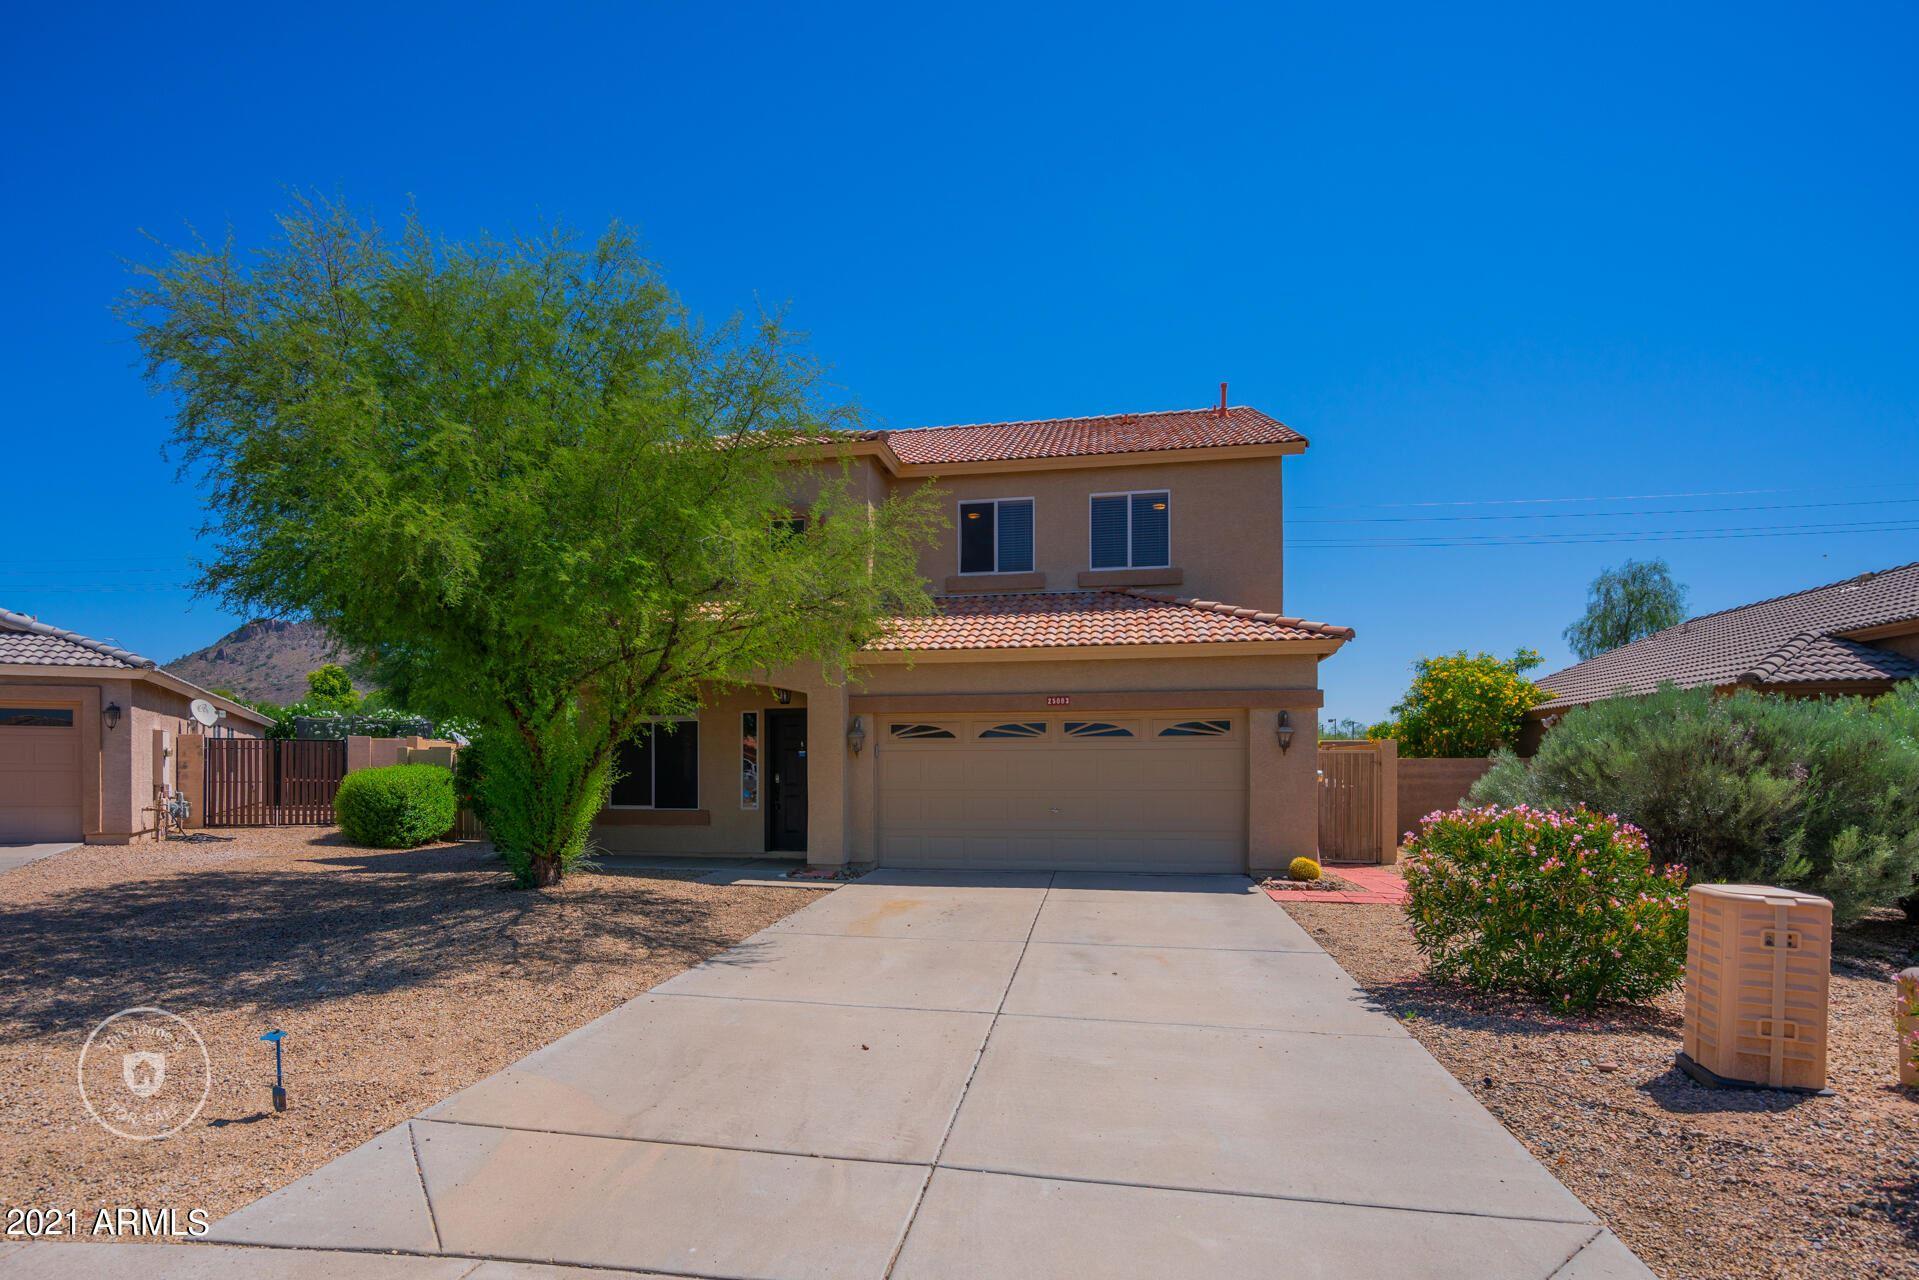 25083 N 67TH Drive, Peoria, AZ 85383 - MLS#: 6285867